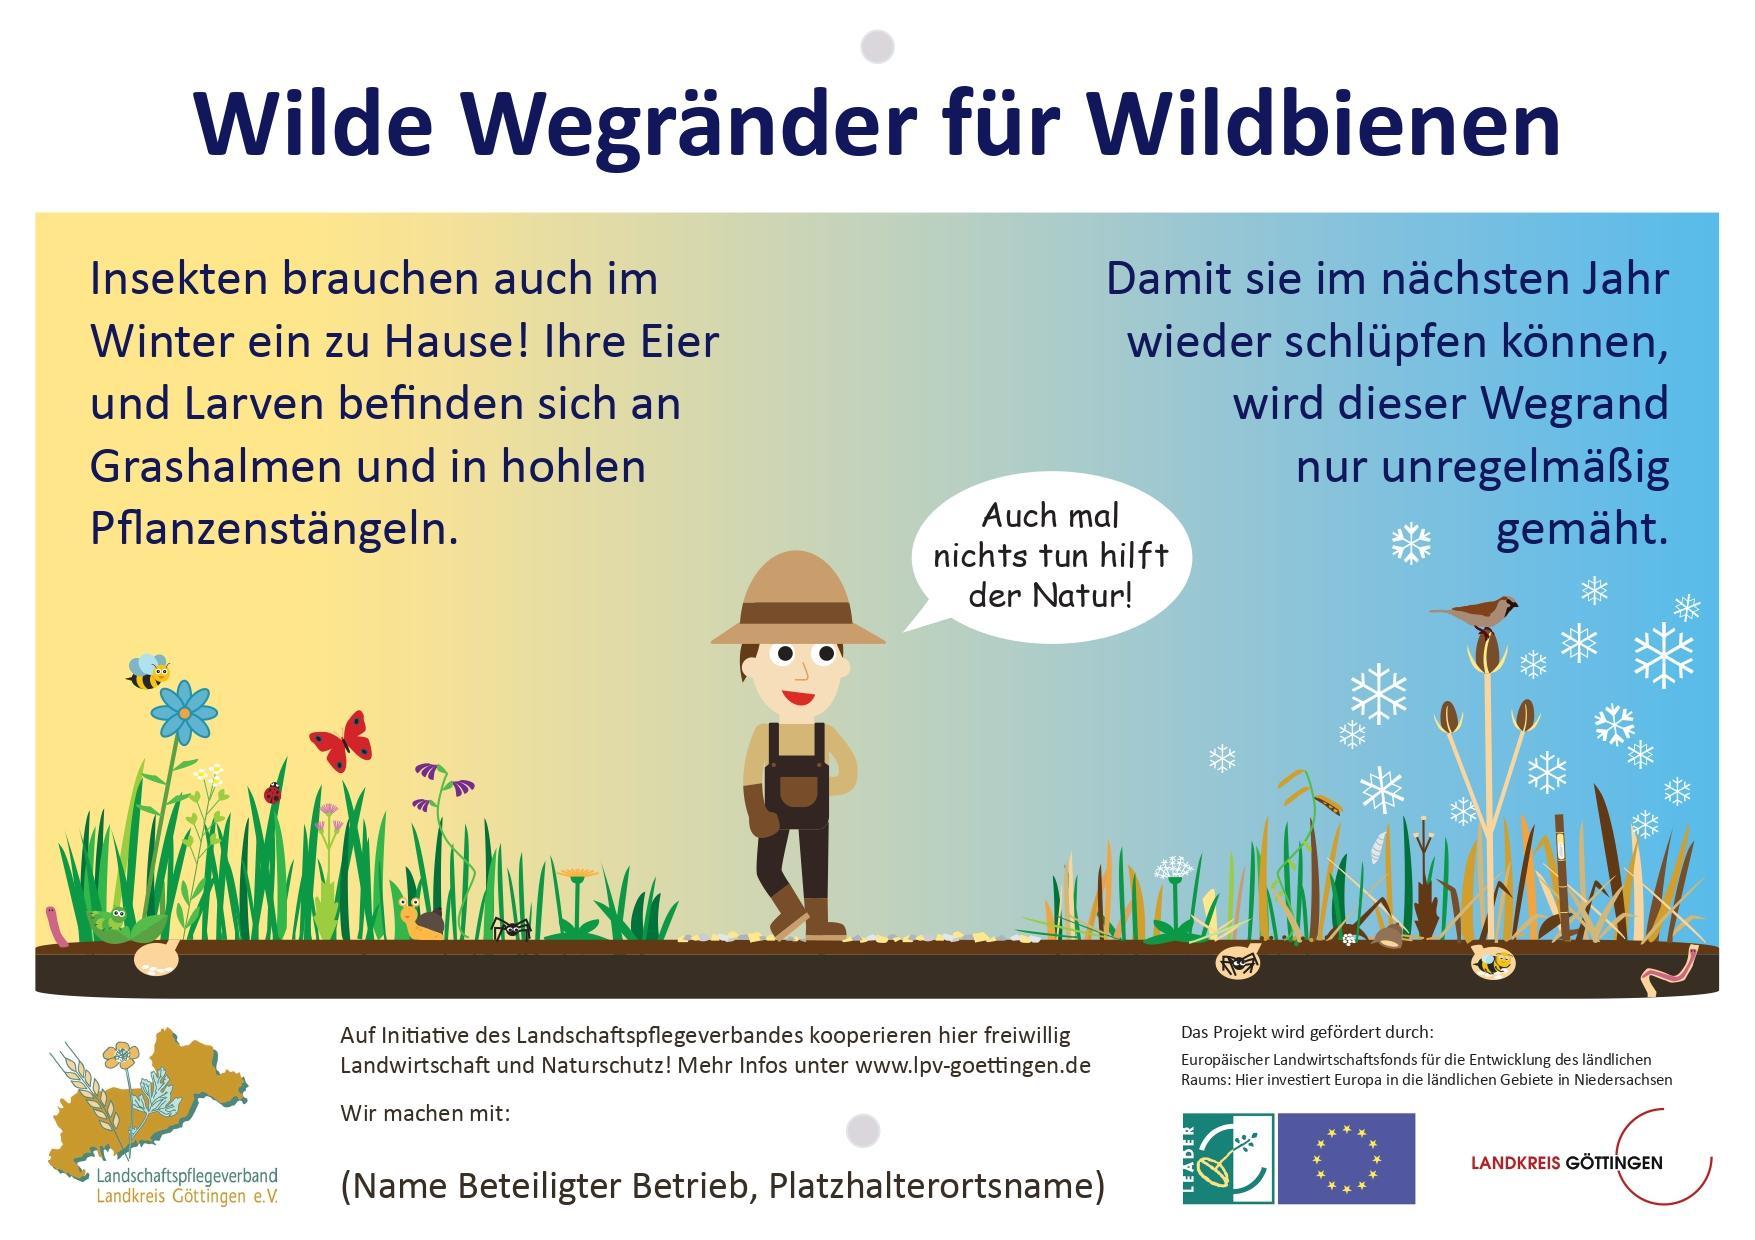 Wilde Wegränder für Wildbienen